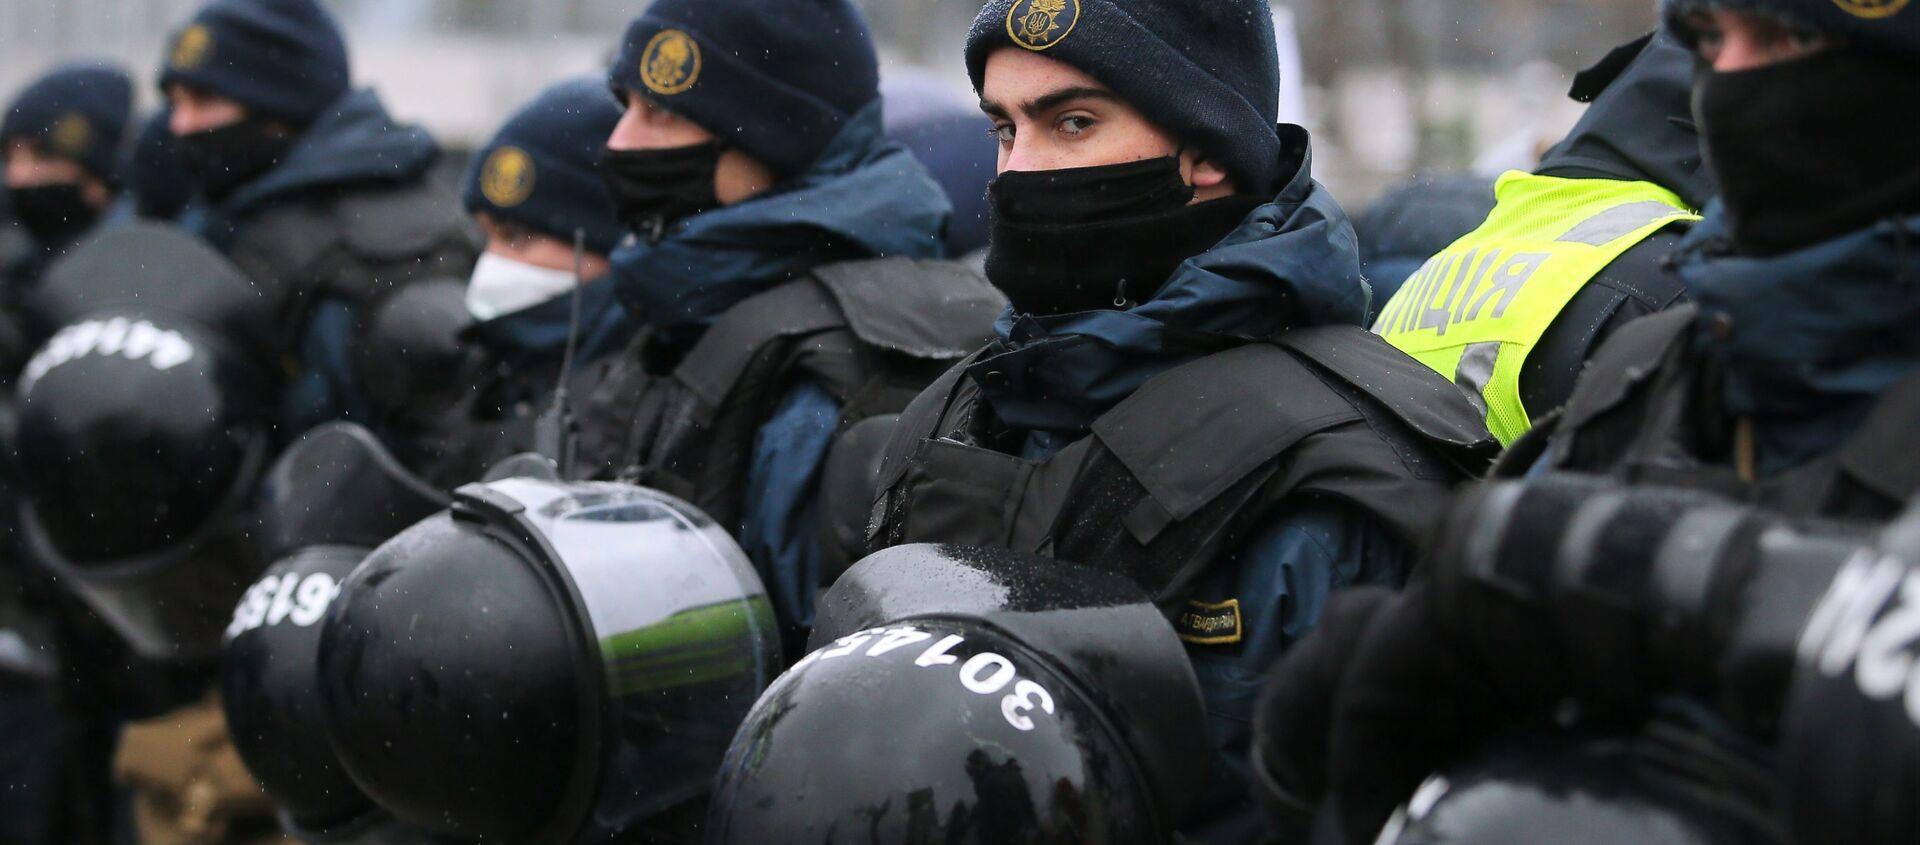 Policjanci podczas protestów w Kijowie. - Sputnik Polska, 1920, 27.02.2021